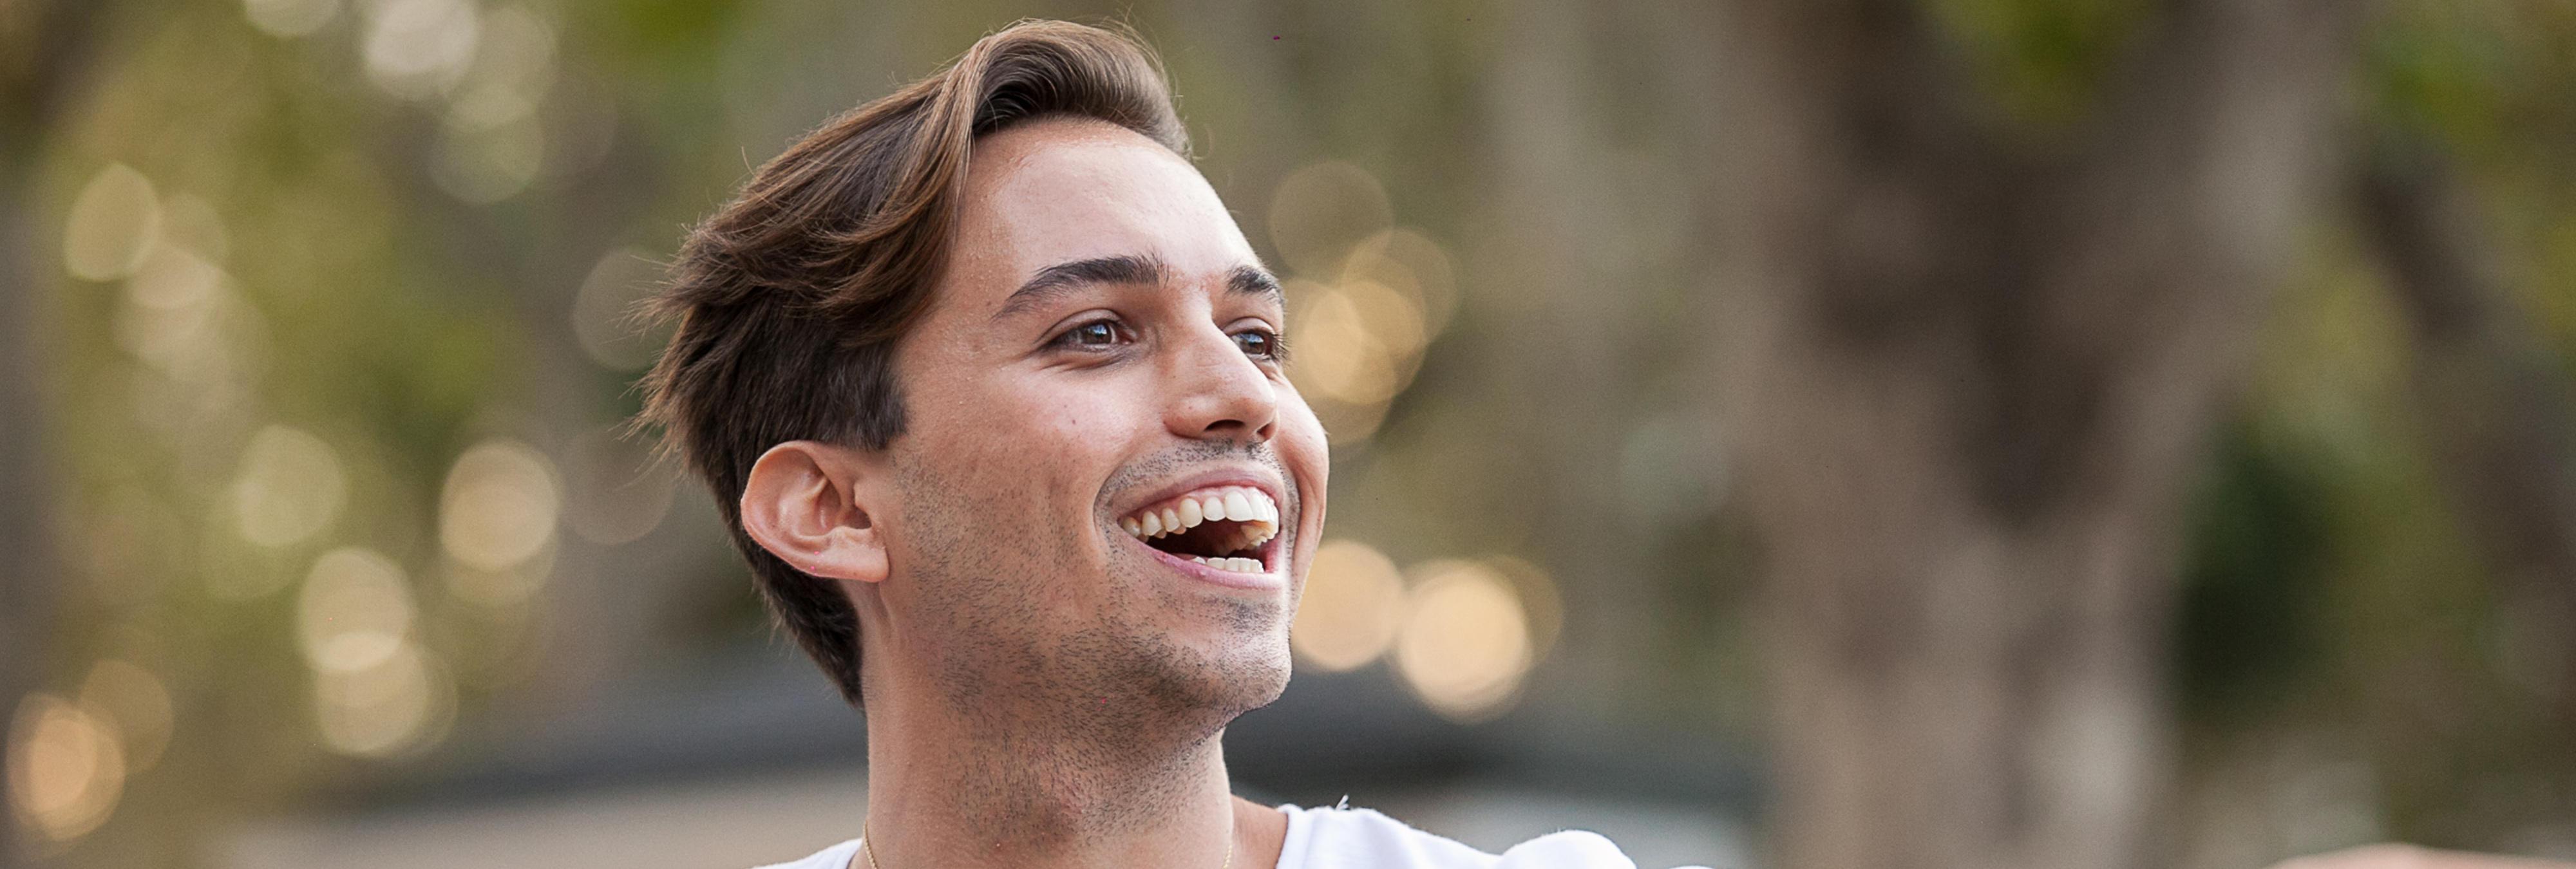 """Carlos Arnelas explica la realidad del influencer: """"Hay quien cobra desde 150 euros por subir una foto, hasta 6.000 euros"""""""